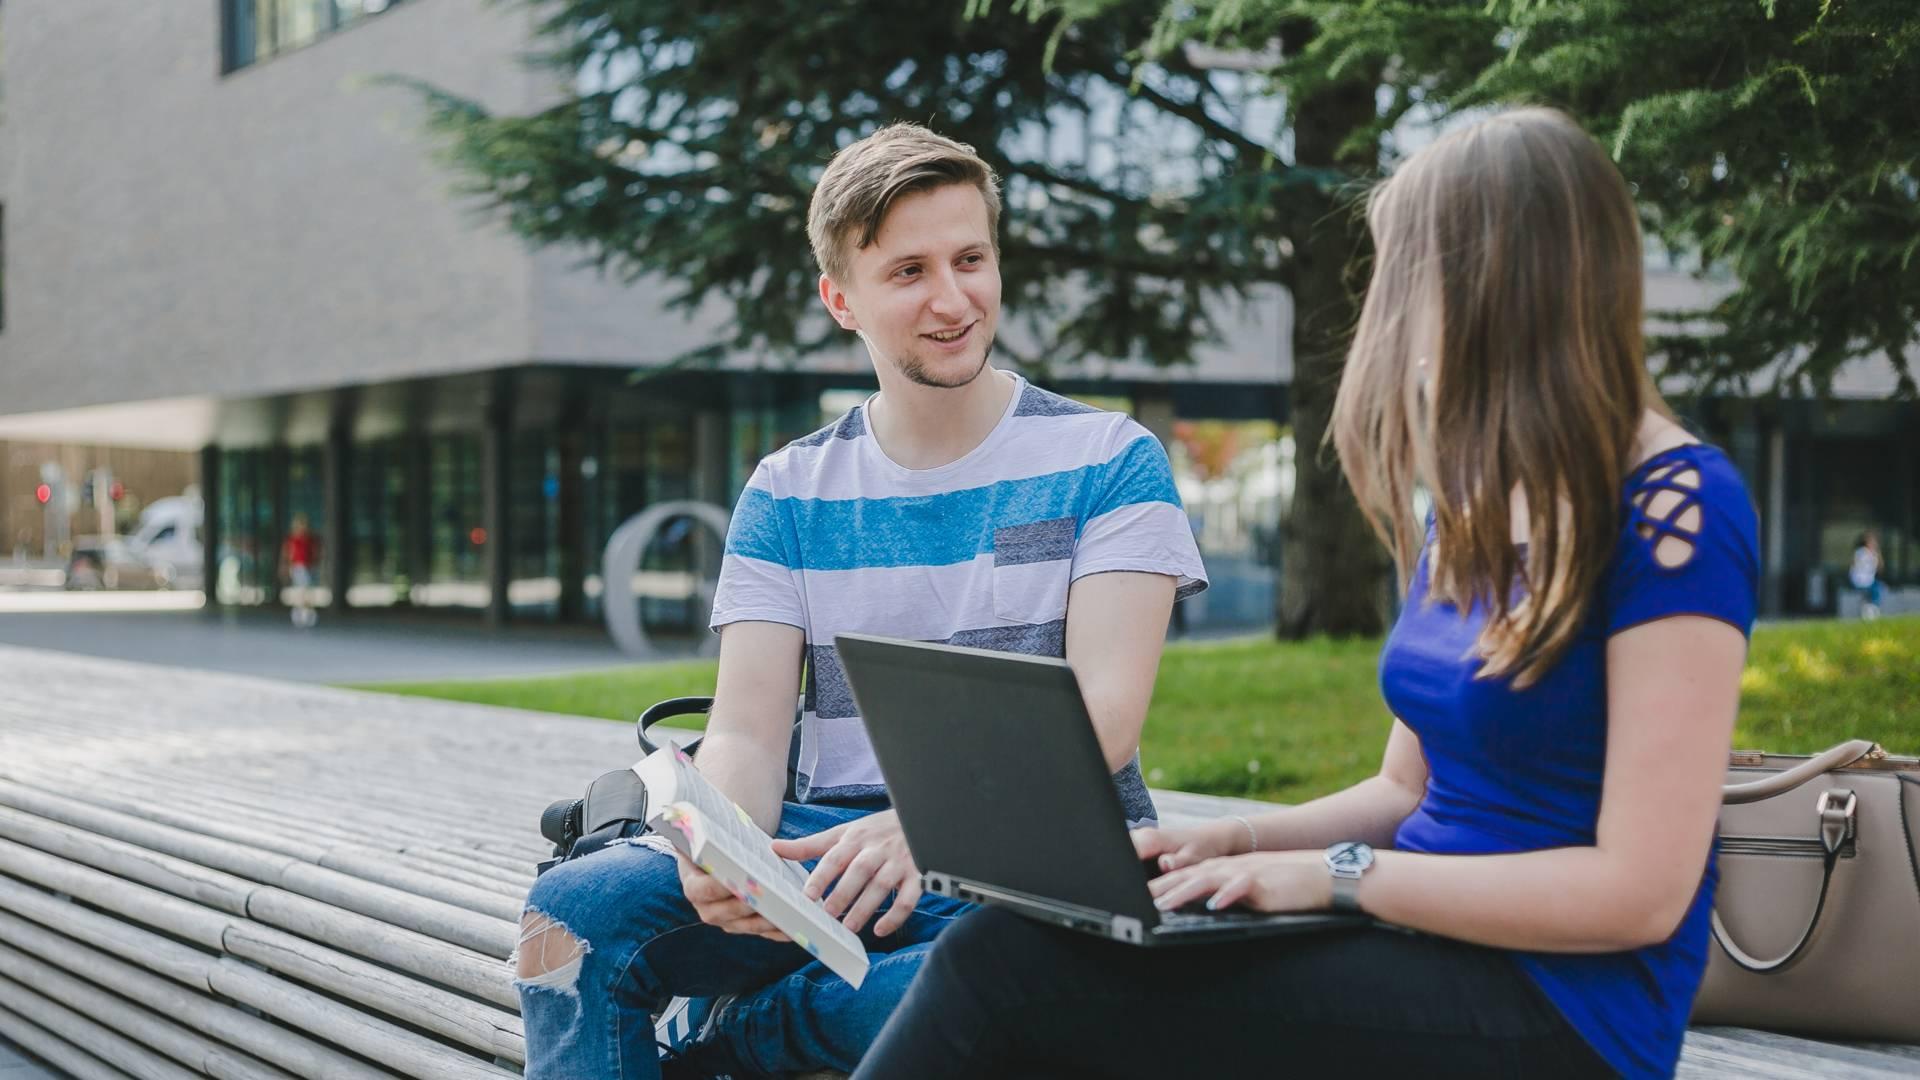 Studenten im Gespräch auf einer Bank